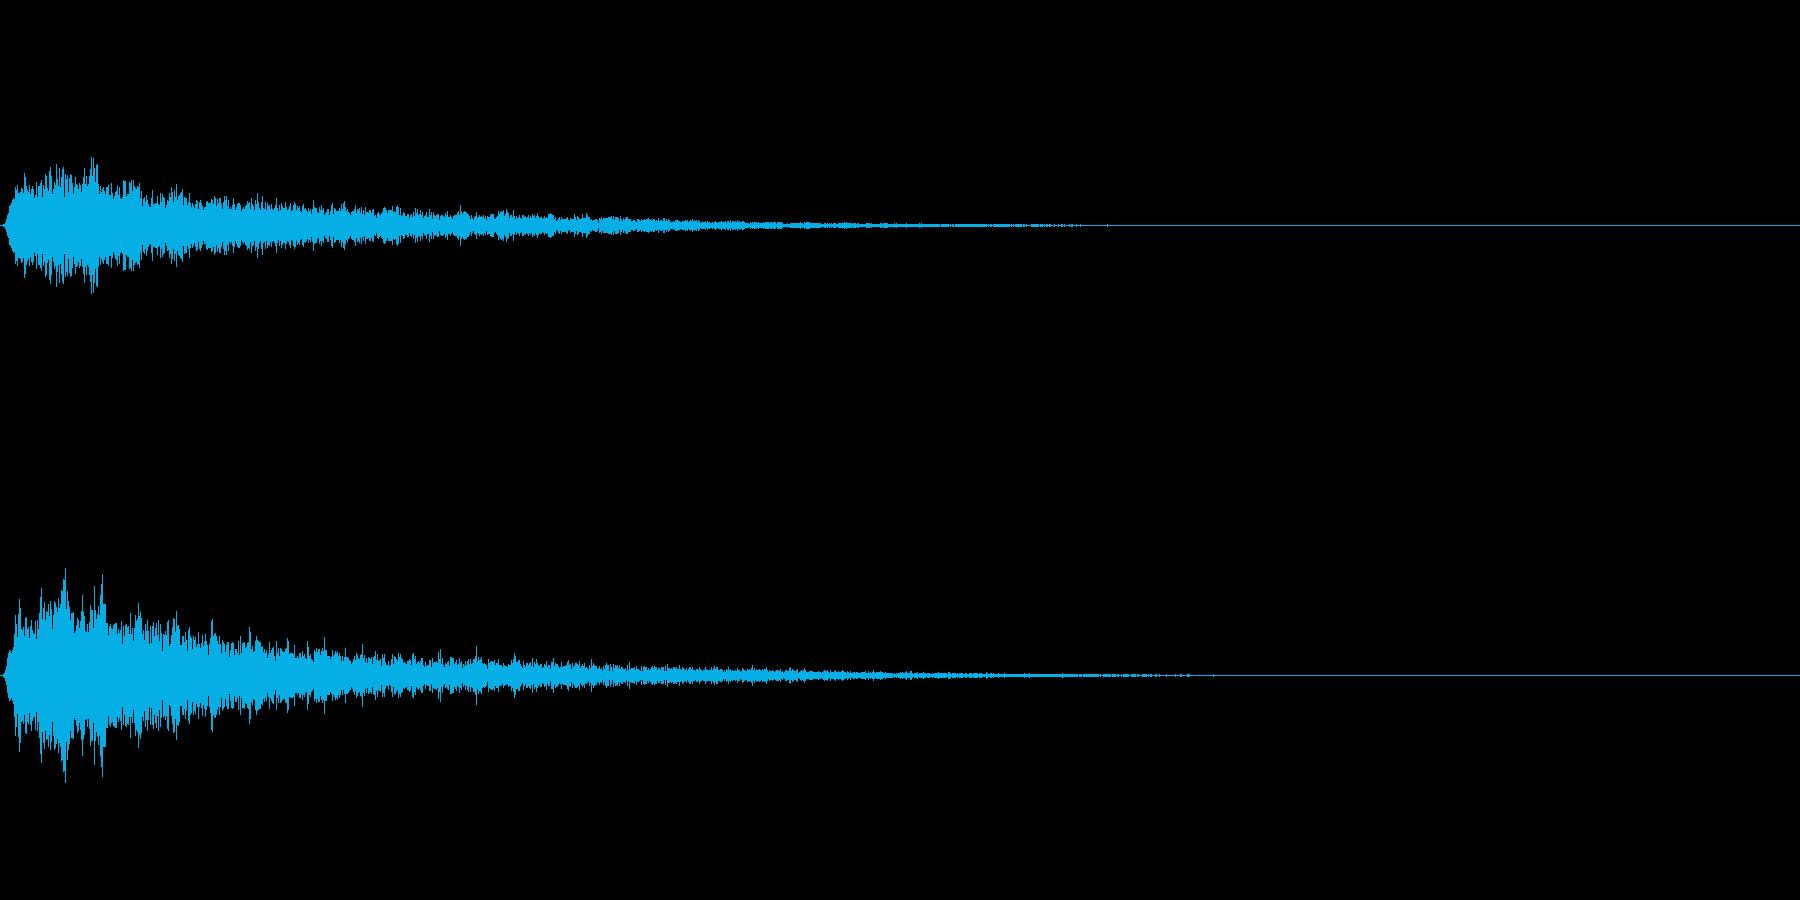 シュワーン② (SF扉が開く音)の再生済みの波形